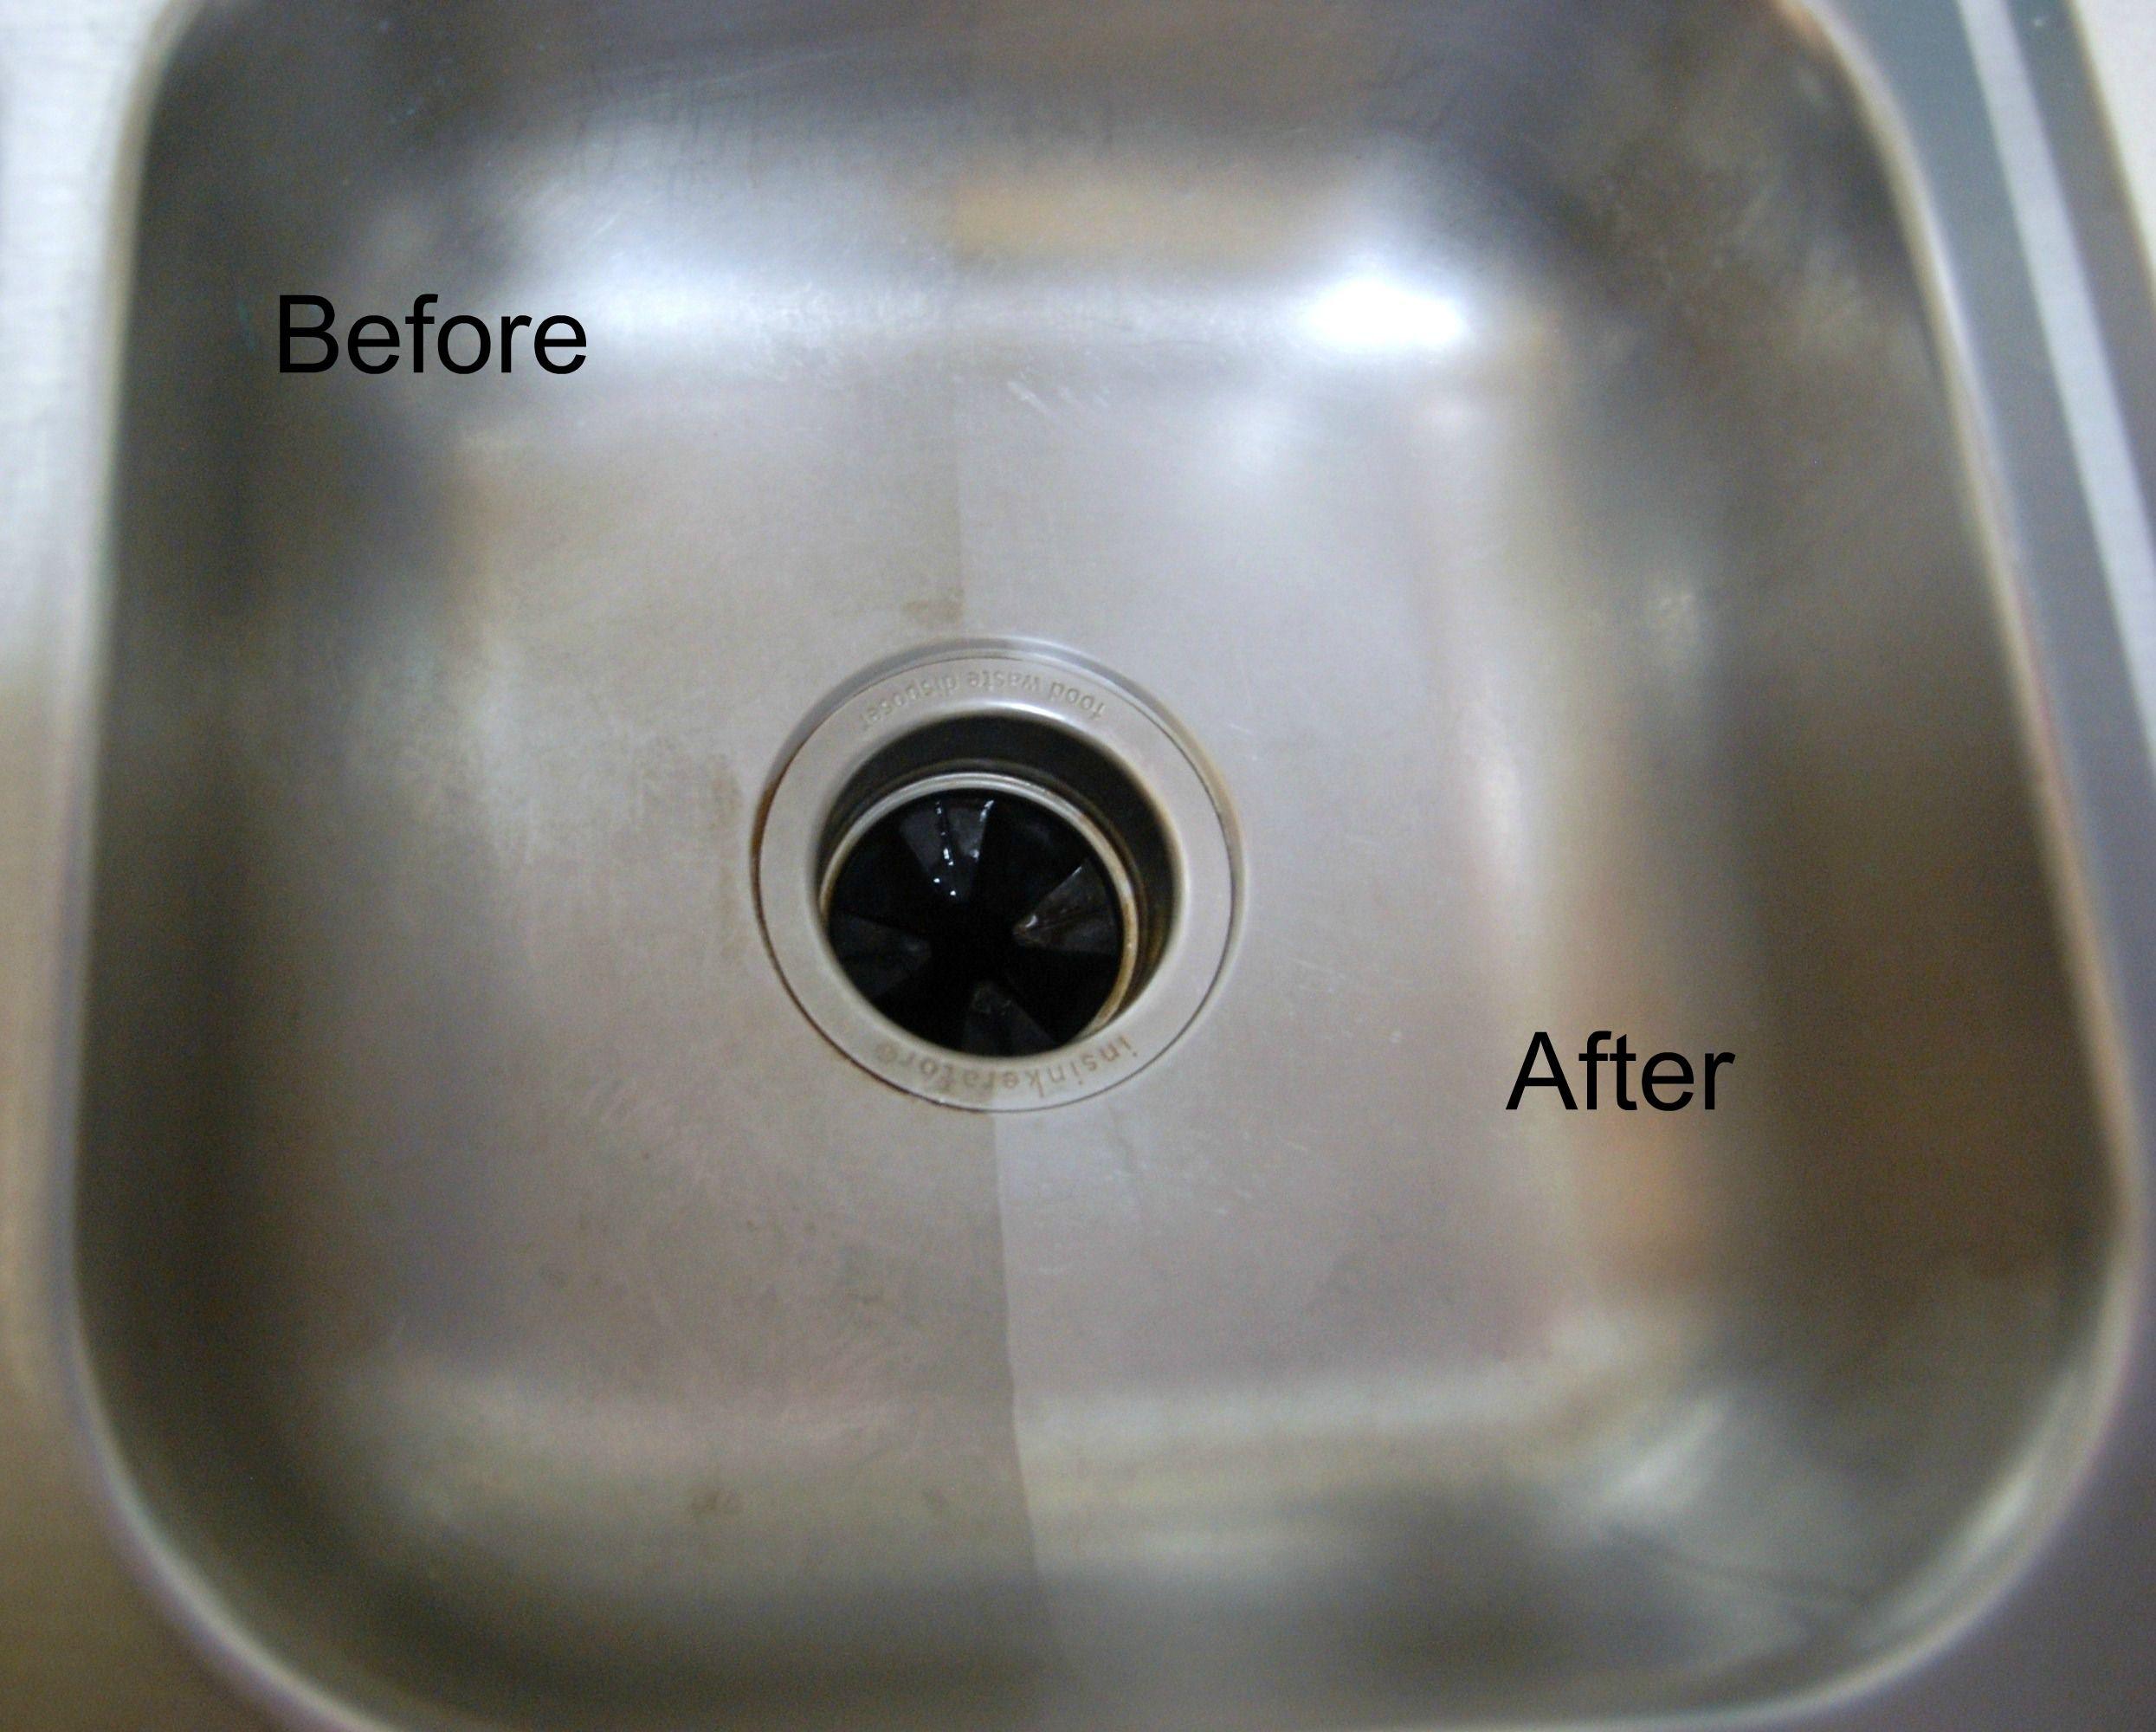 6eb76d4eedef44dd66ea21cb82905fa1 - How To Get Paint Off A Stainless Steel Sink